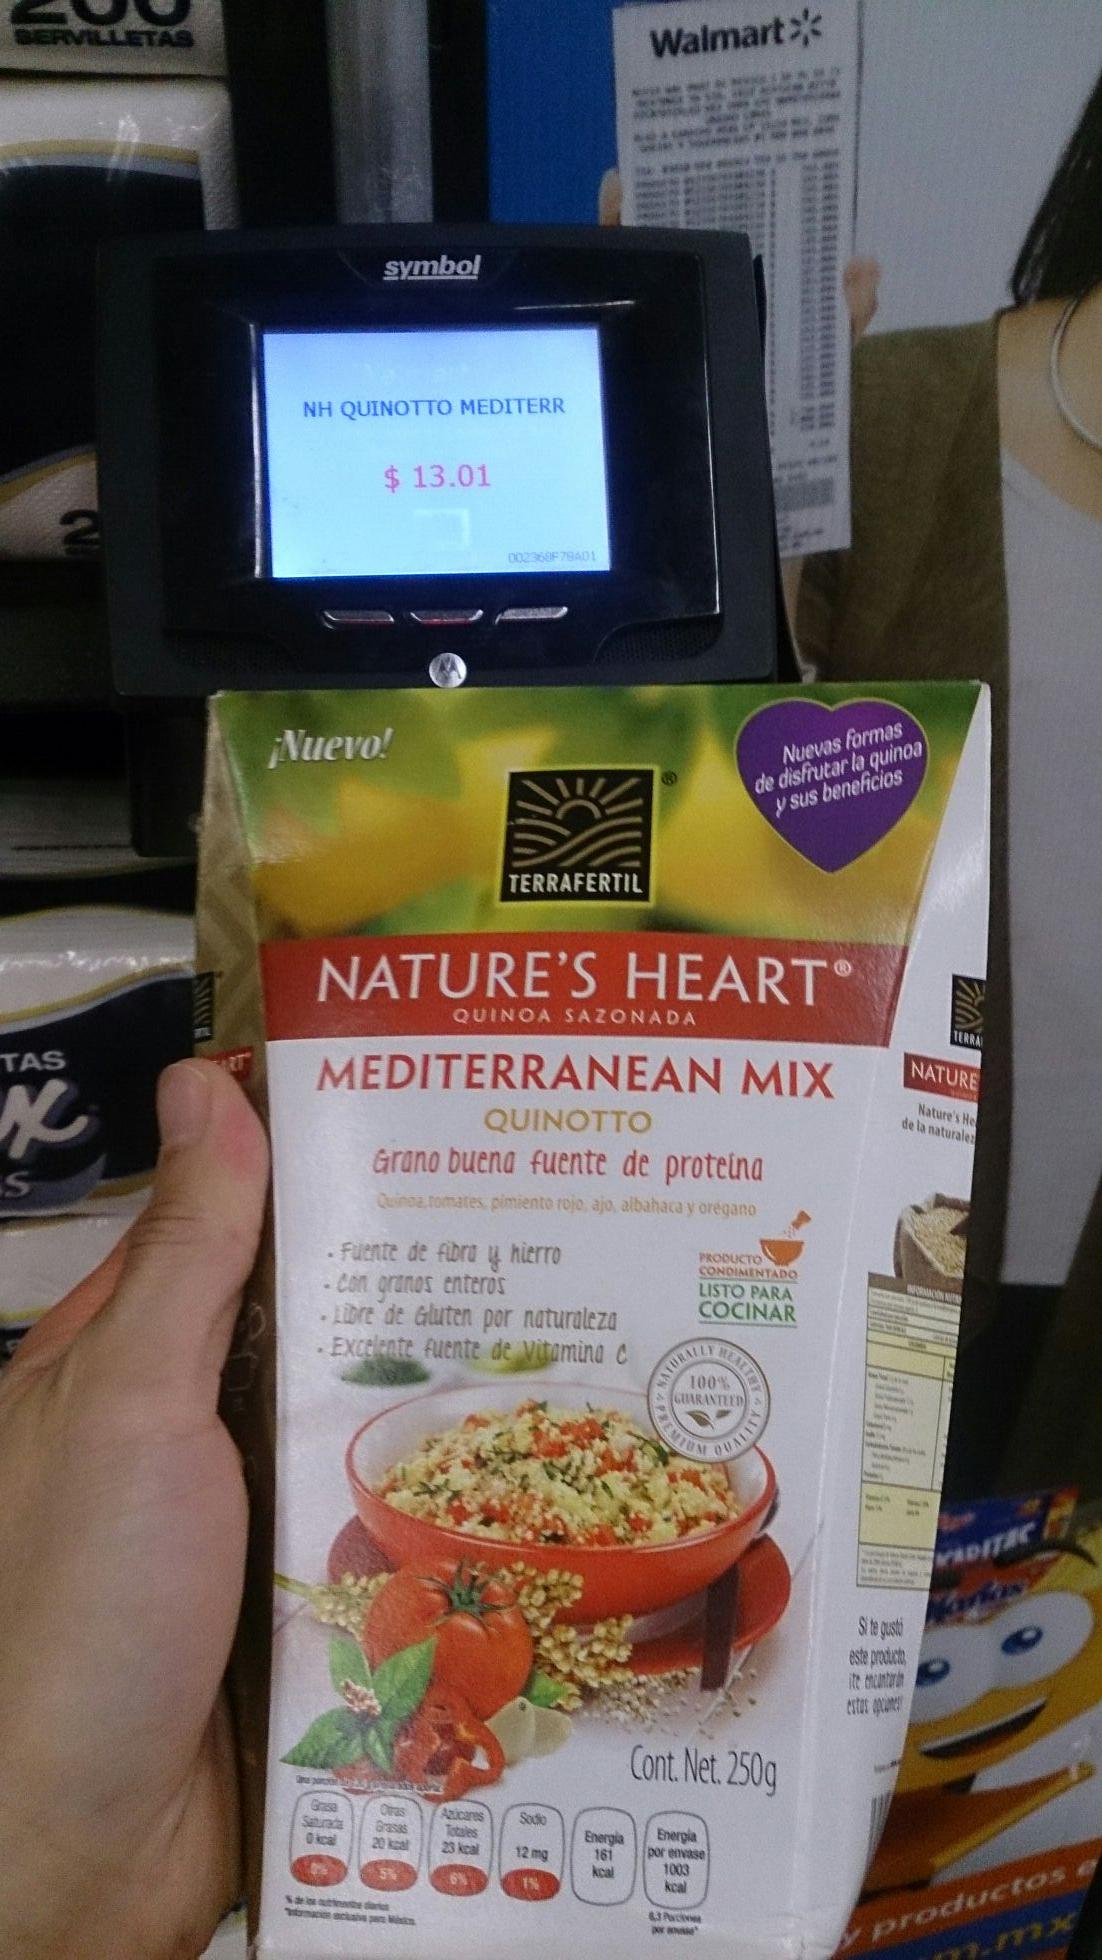 Walmart: Quinoa sazonada y otros